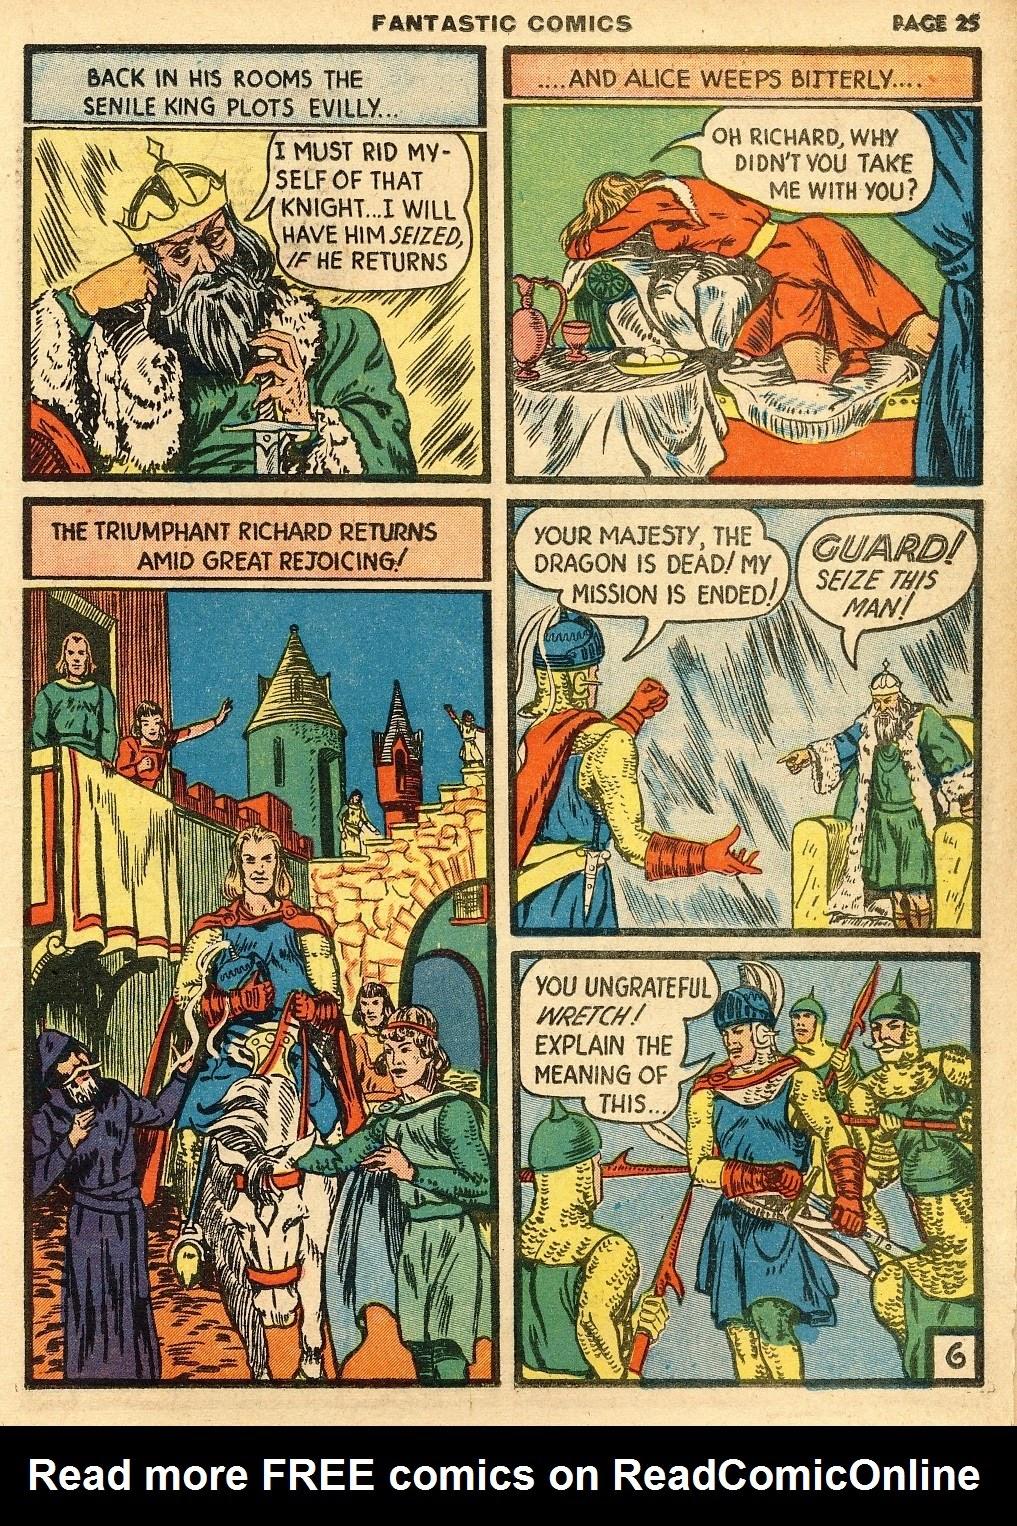 Read online Fantastic Comics comic -  Issue #10 - 26